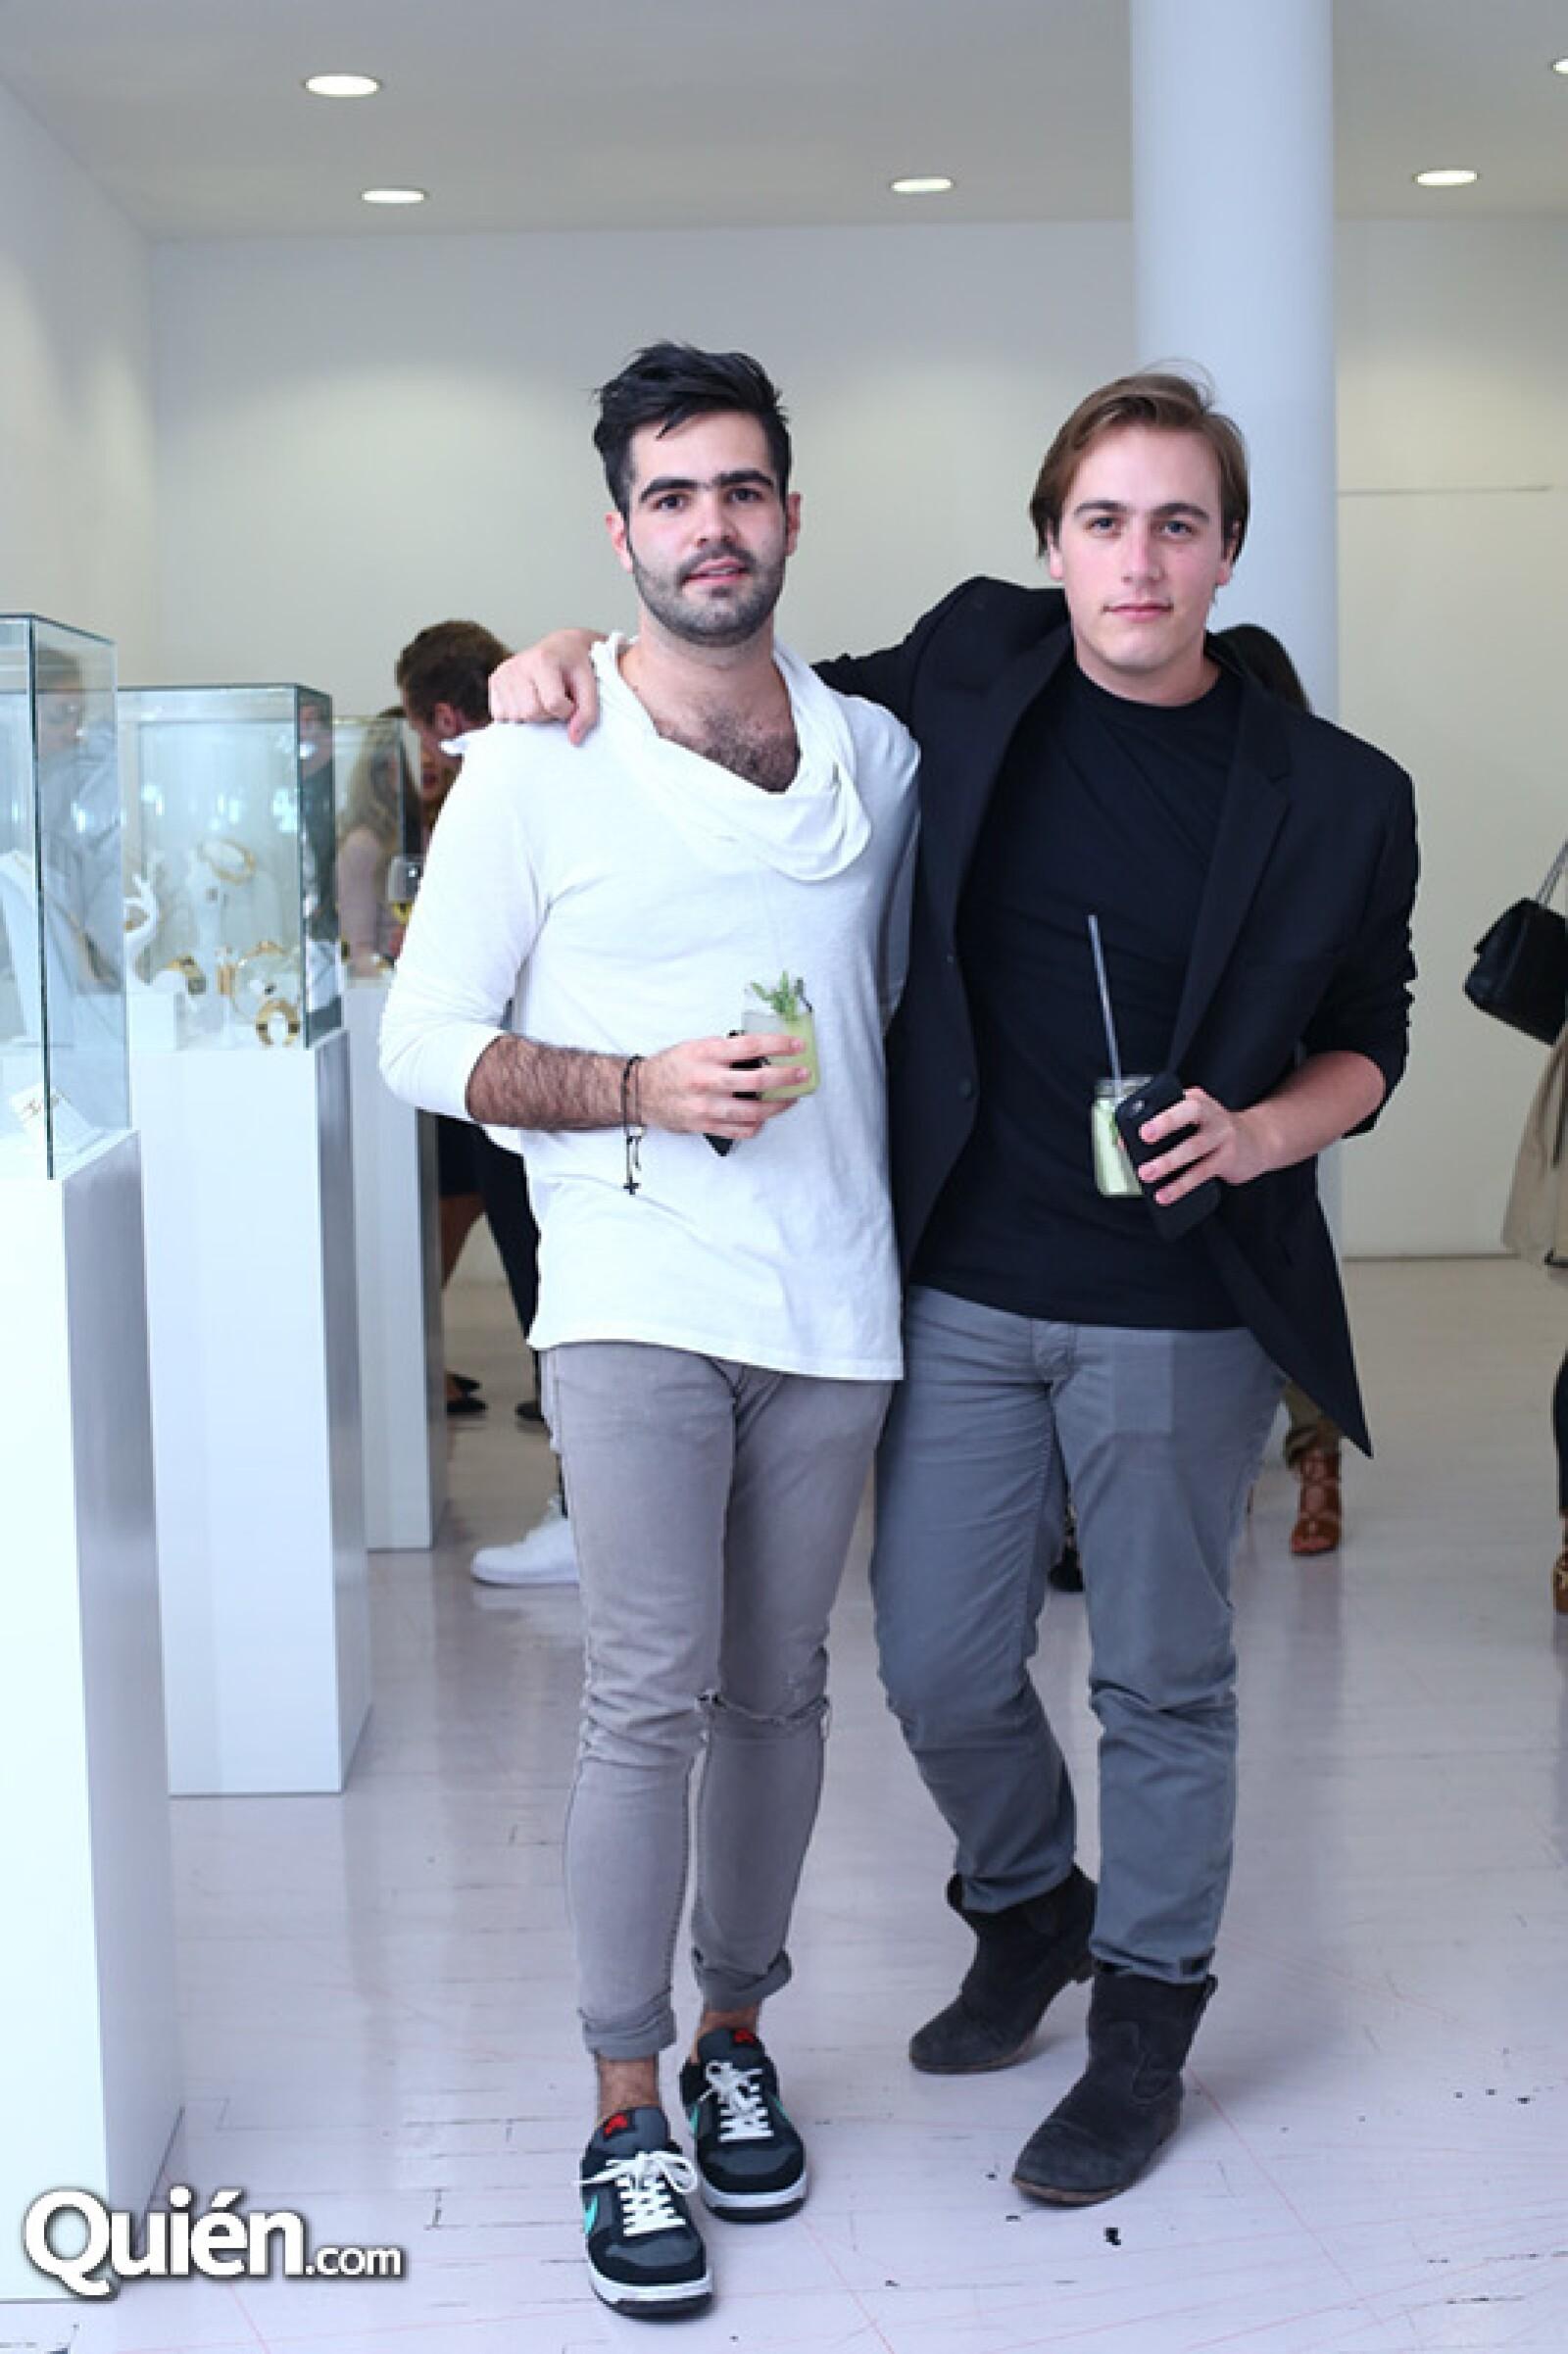 Juán Cabrera y Luis García Serrano